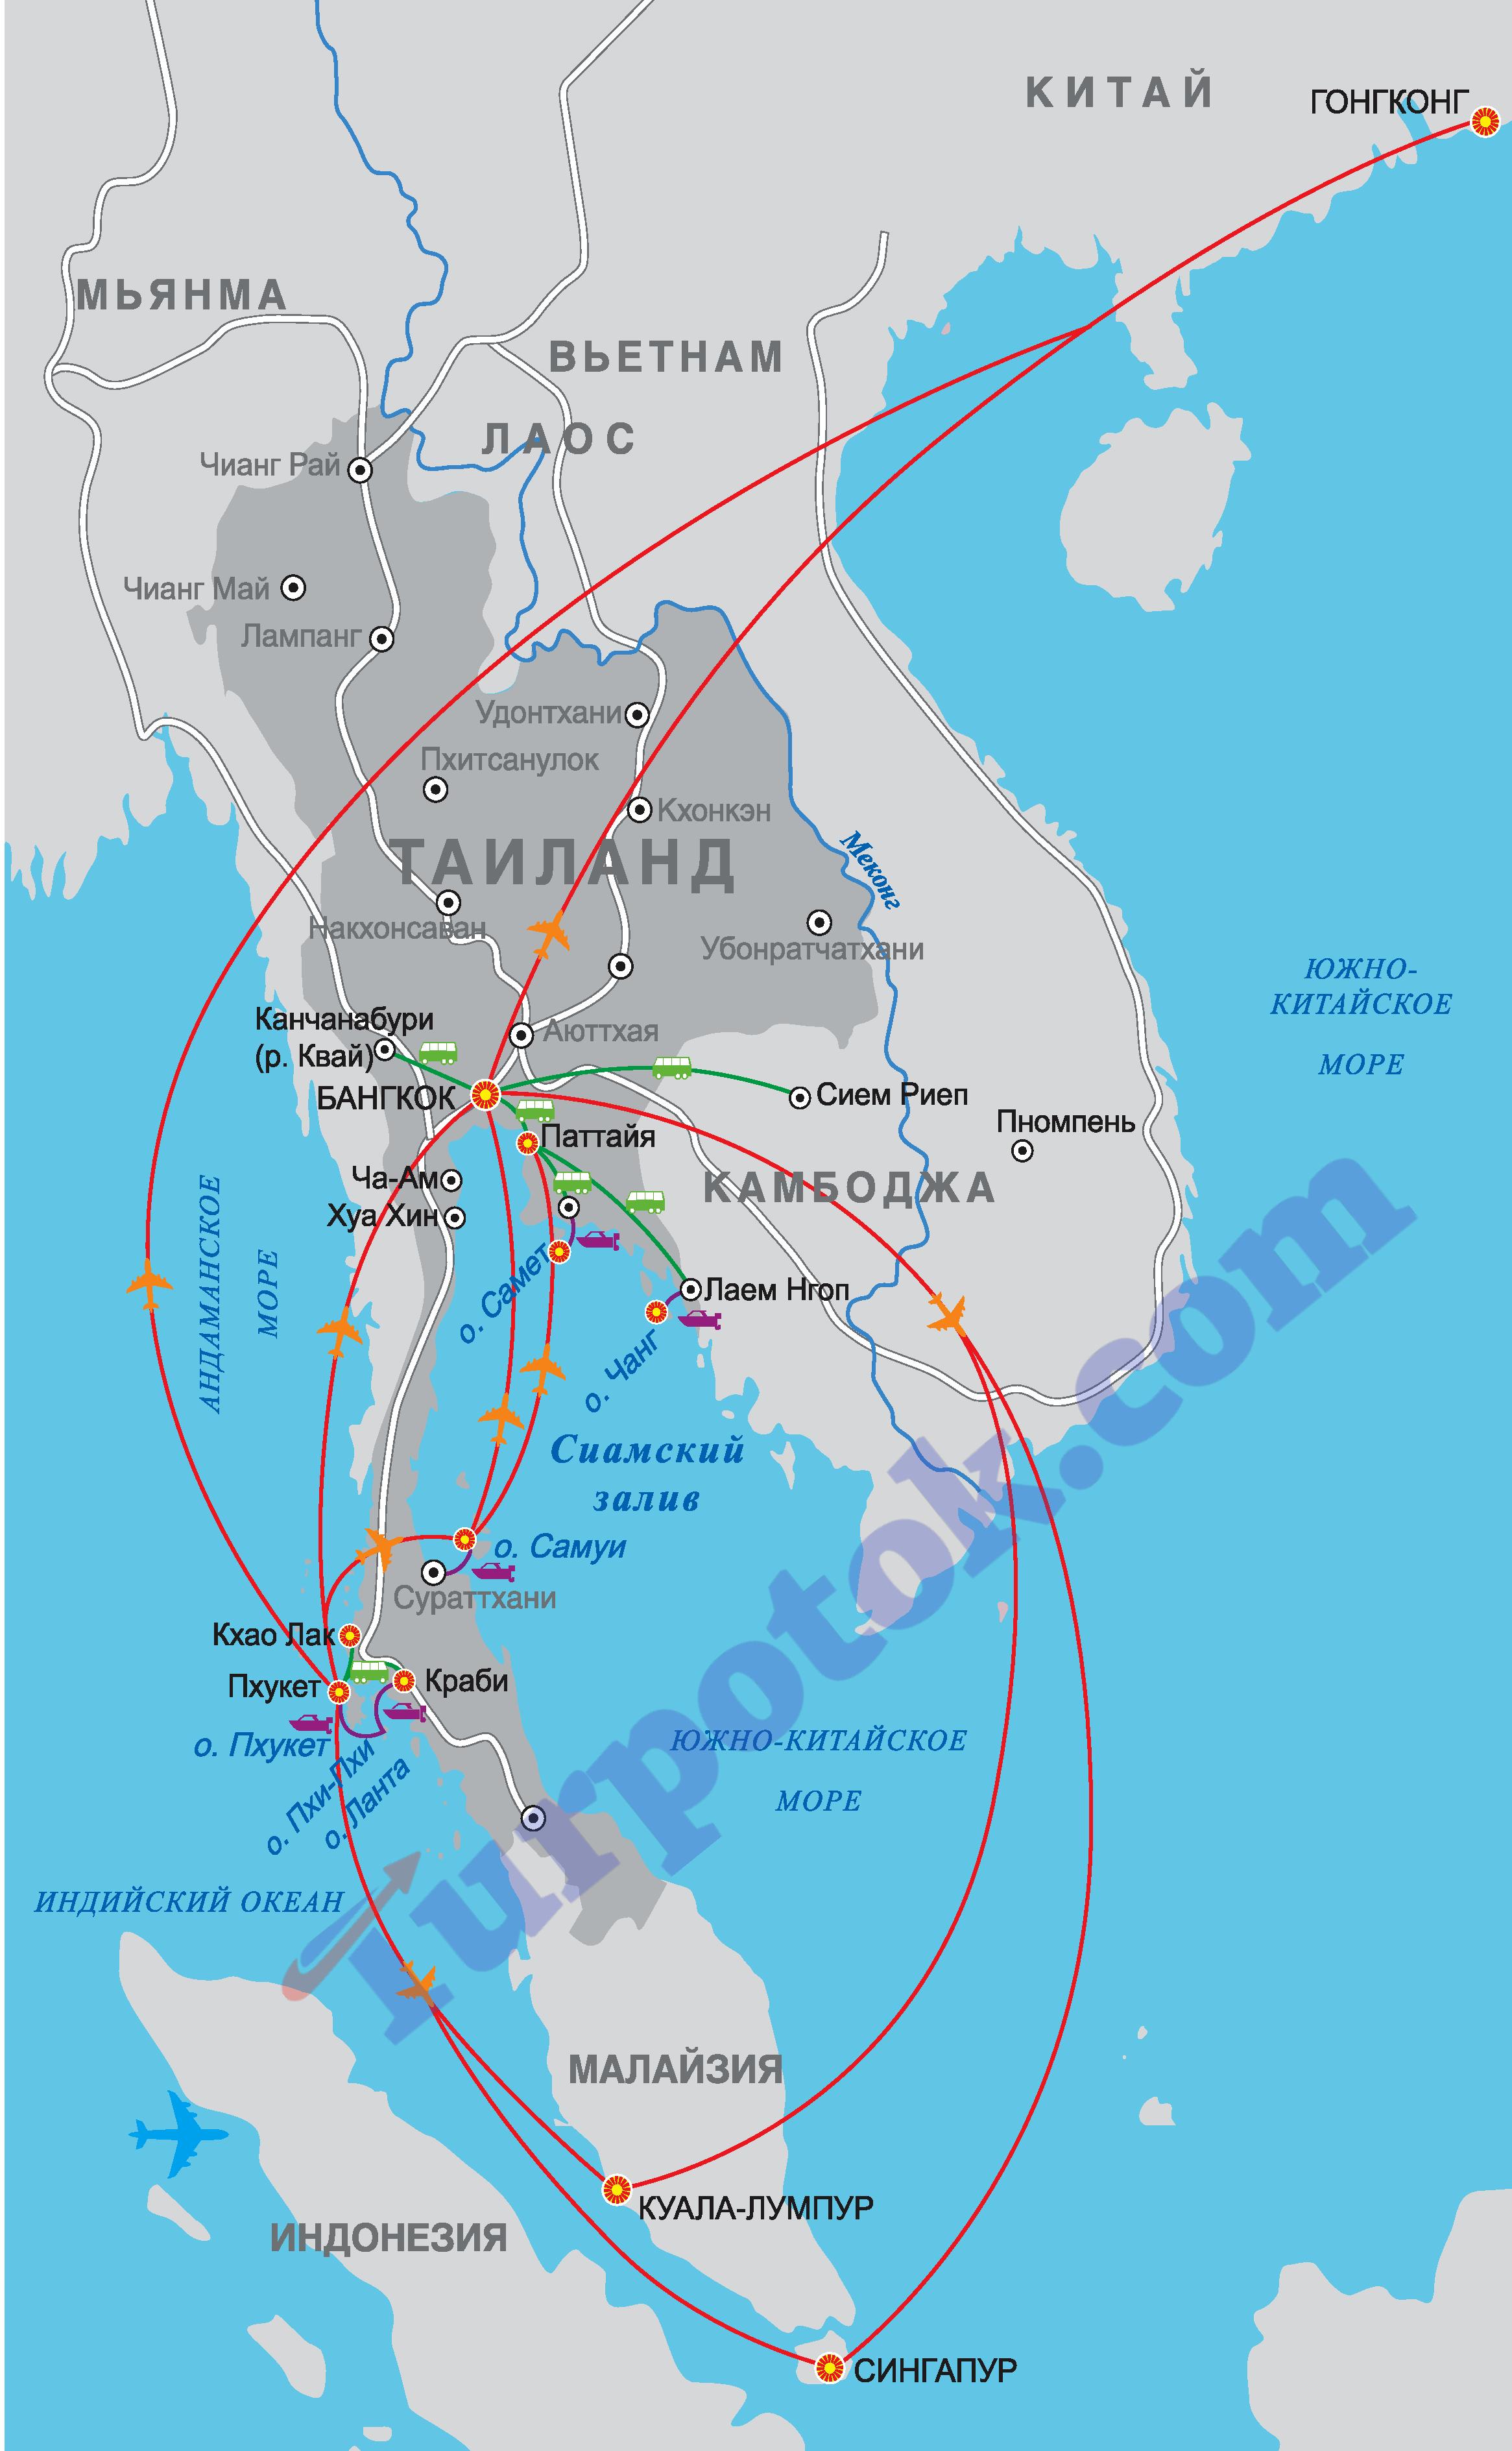 Бангкок, Паттайя, Пхукет, Самуи, Ко Чанг, Хуа Хин, Краби на карта Таиланда